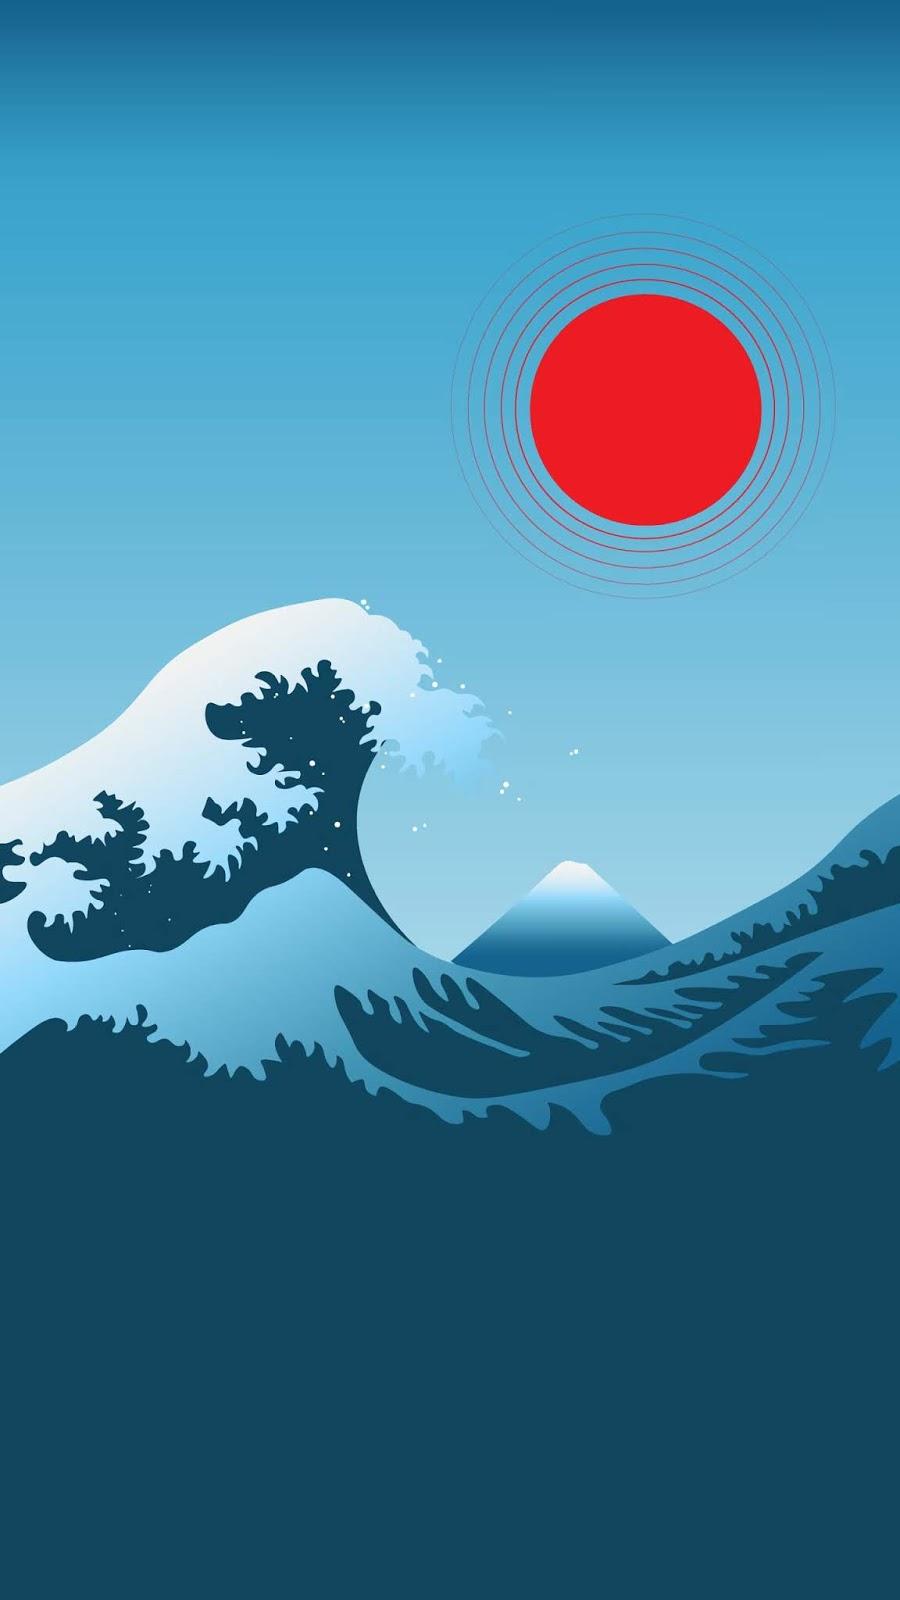 Minimalism Great Wave off Kanagawa